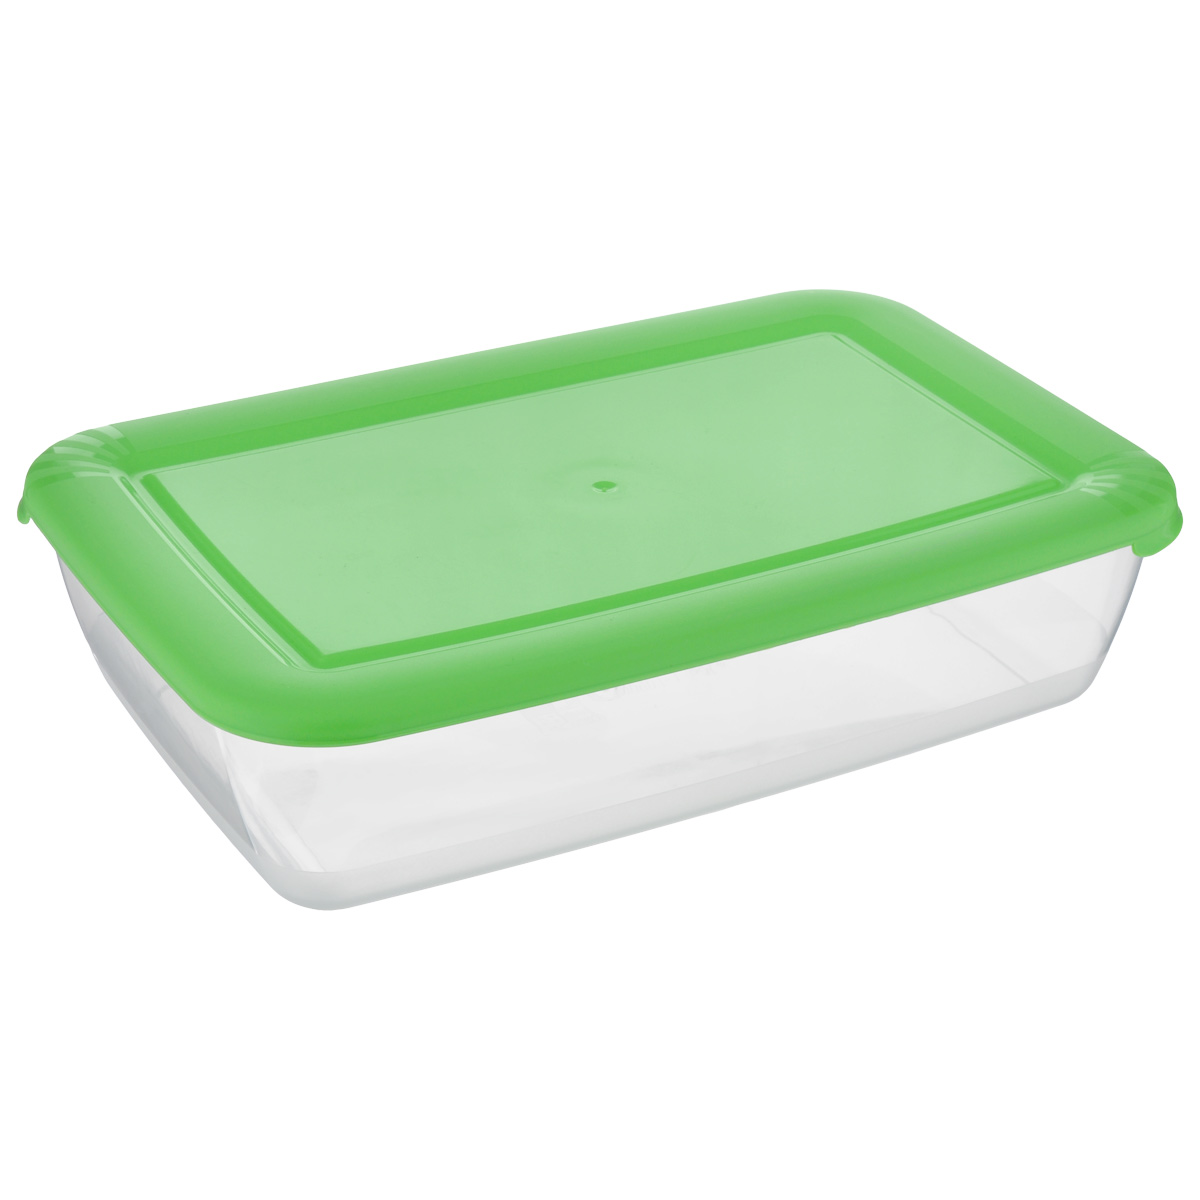 Контейнер Полимербыт Лайт, цвет: салатовый, 3 лС554_салатовыйКонтейнер Лайт изготовлен из высококачественного пищевого прозрачного пластика и оснащен крышкой. Подходит для использования в микроволновой печи без крышки (до +120°С), для заморозки при минимальной температуре -40°С. Можно мыть в посудомоечной машине.